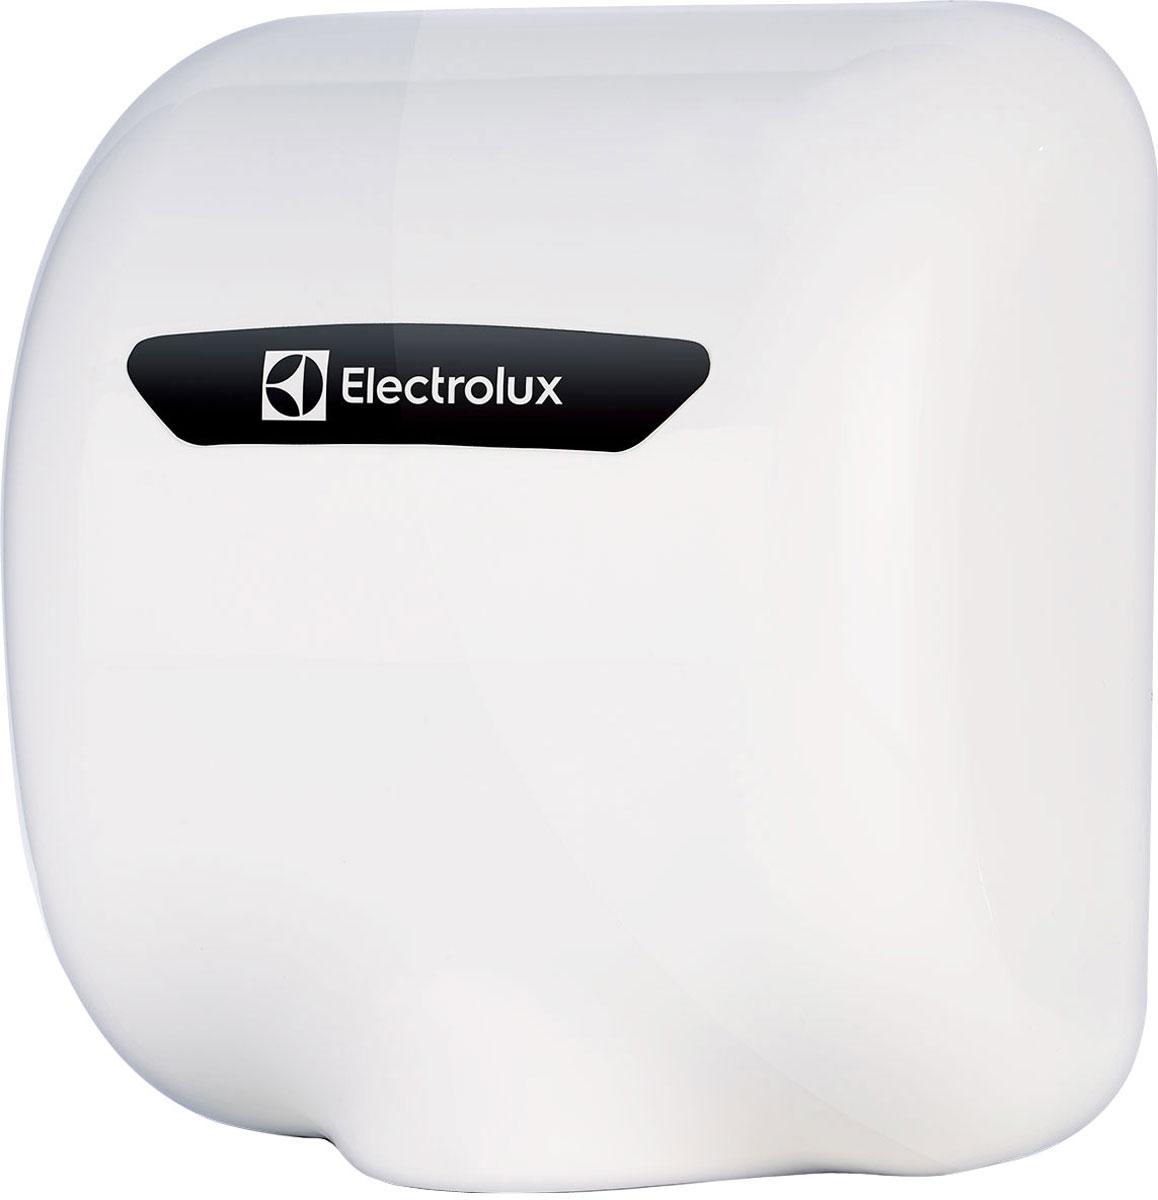 Electrolux EHDA/HPW-1800W сушилка для рукEHDA/HPW-1800WСушилка для рук Electrolux EHDA/HPW-1800W незаменима для мест, с большой проходимостью людей, таких как больницы, кинотеатры, кафе и рестораны. Устройство снабжено инфракрасным датчиком, автоматически включающим прибор когда пользователь подносит руки к рабочей зоне. Автоматическое выключение происходит через 10 секунд - за это время руки можно полностью высушить. Выход воздуха снизу Нагревательный элемент Скорость воздушного потока до 220 км/ч Съемный воздушный фильтр